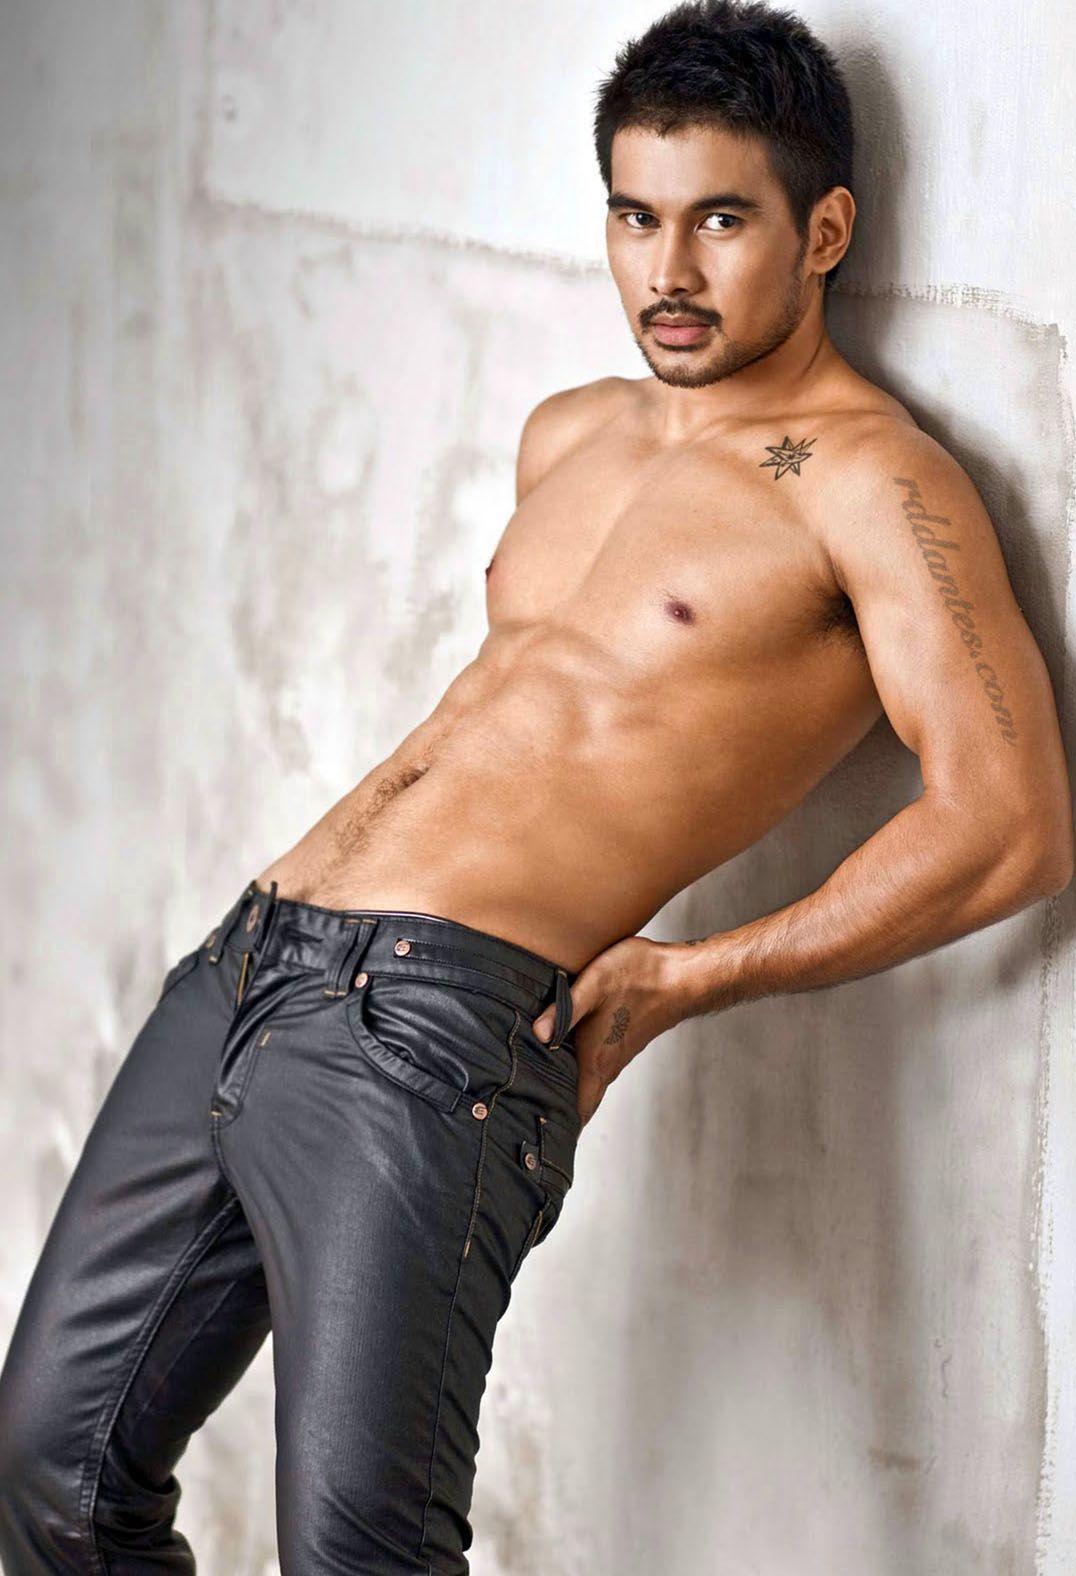 filipino male models Hot